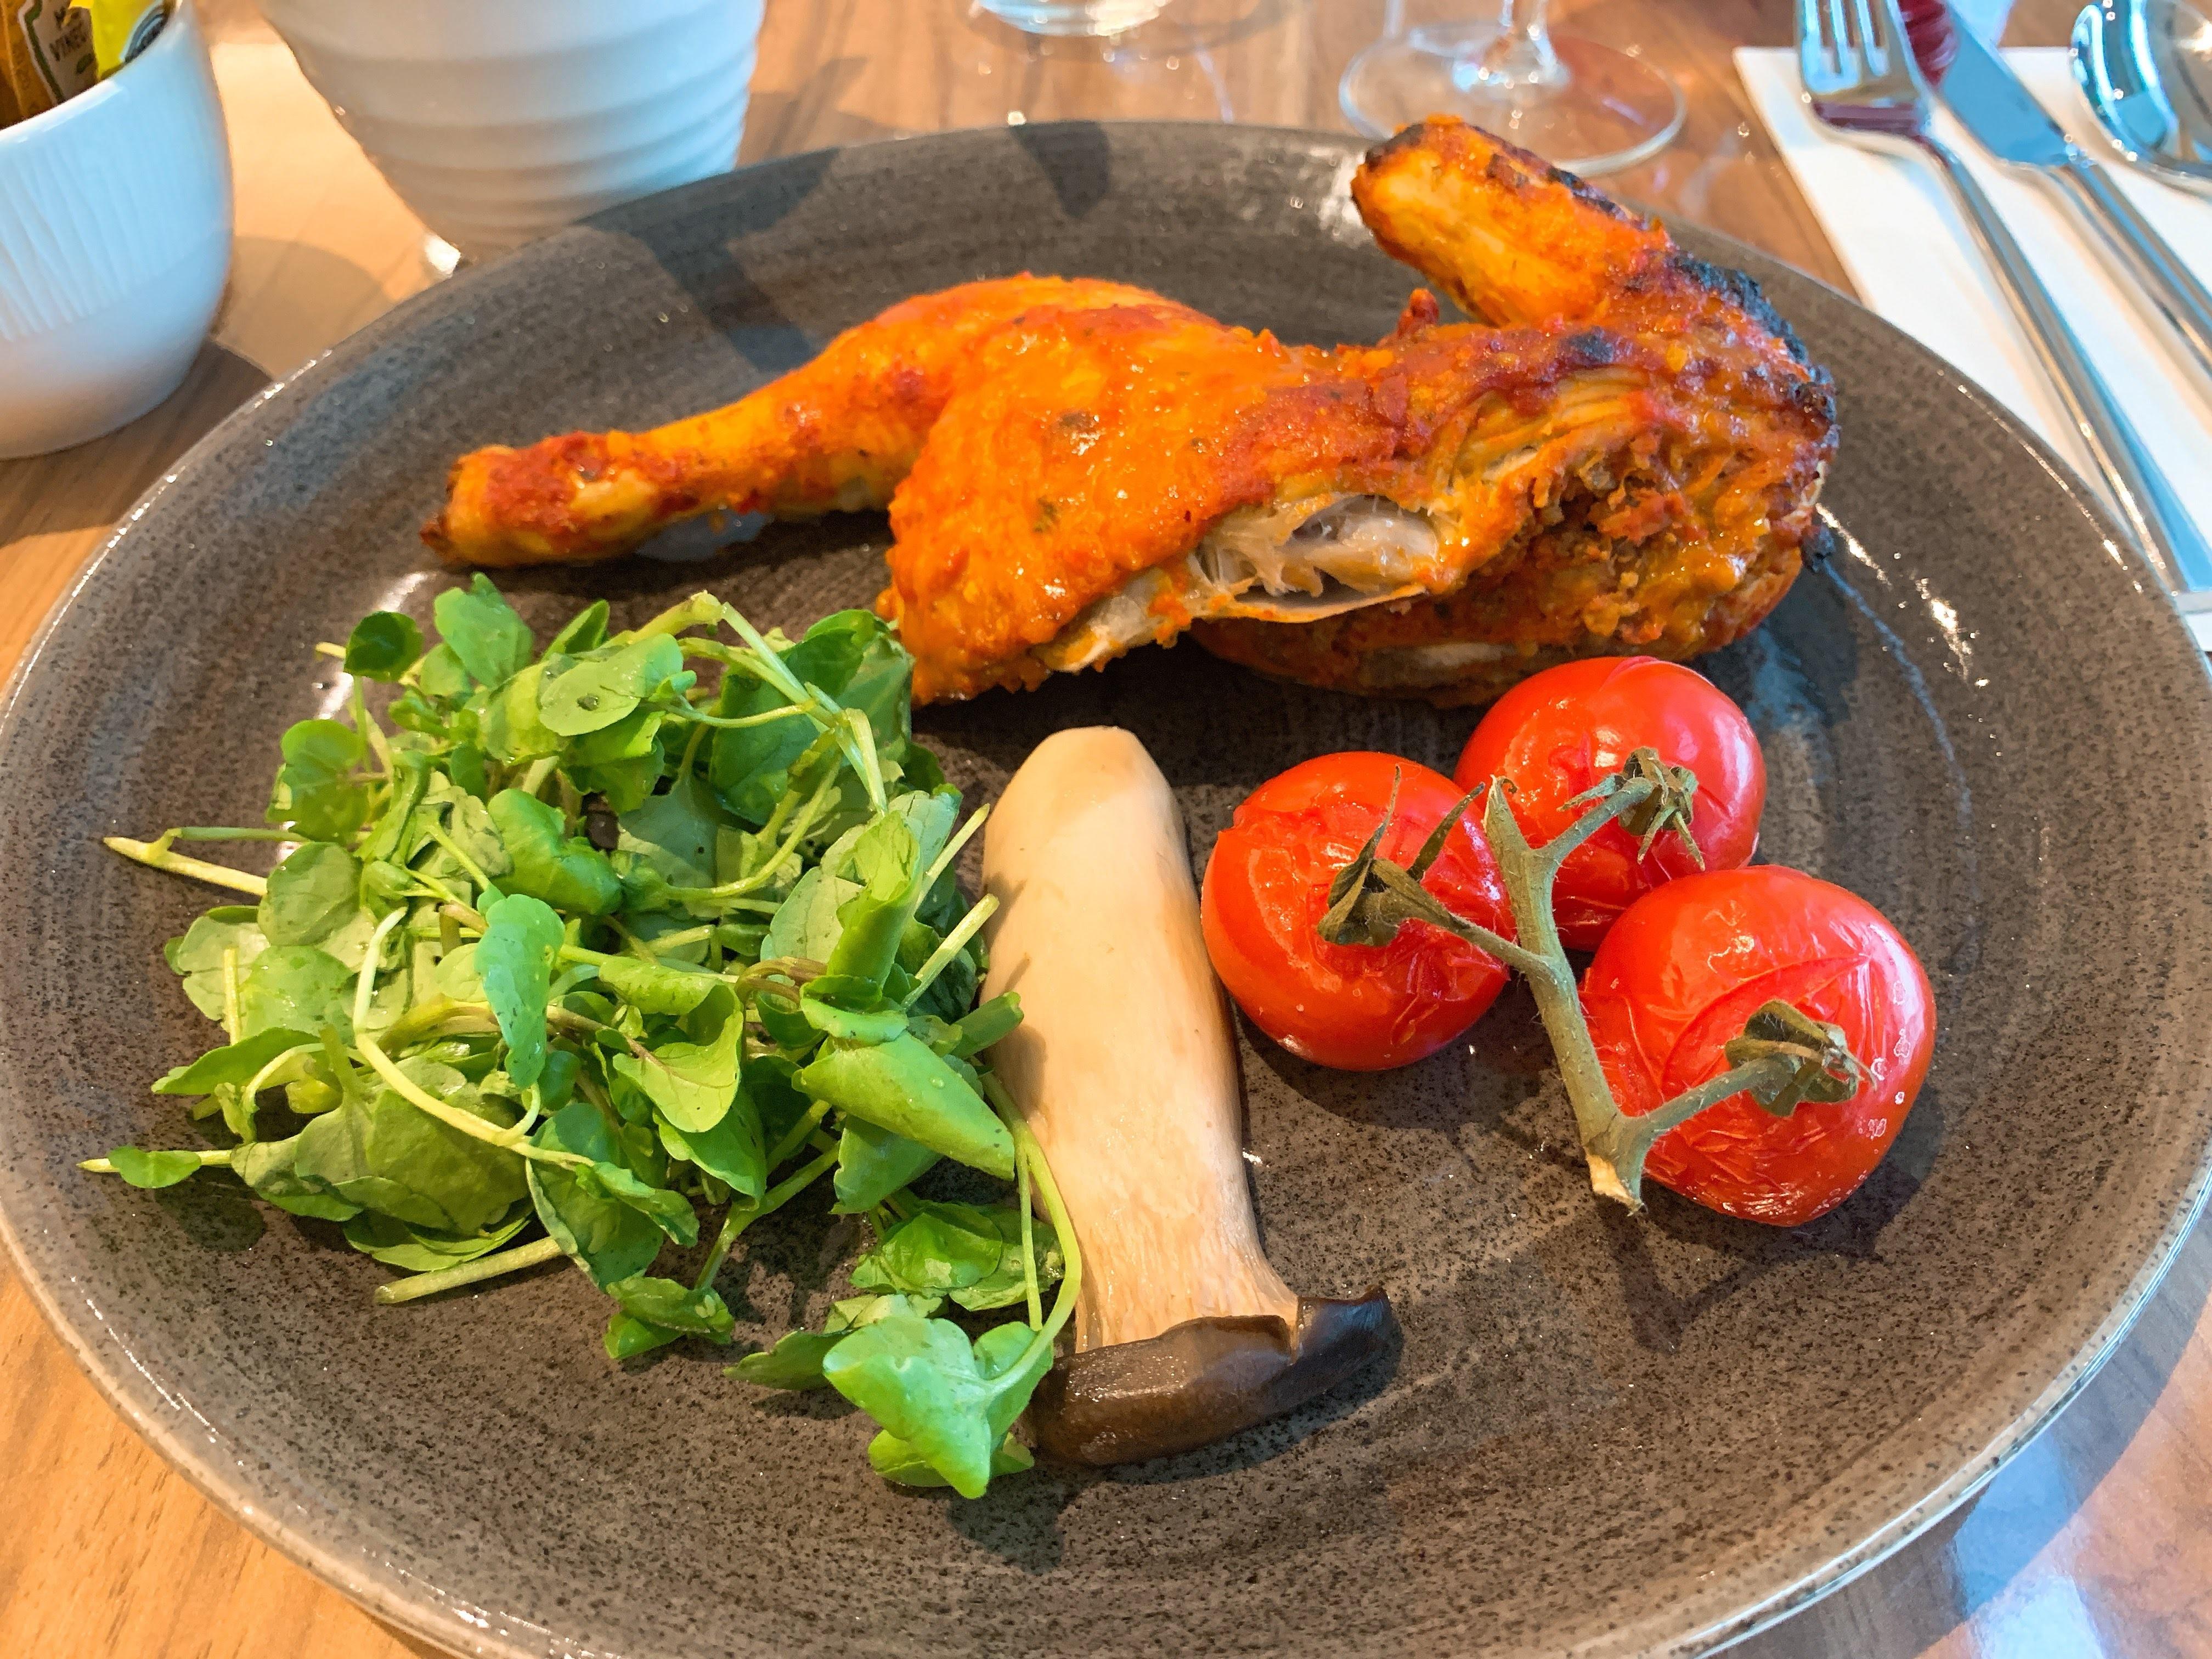 Hilton Garden Inn T2 Heathrow apron restaurant food